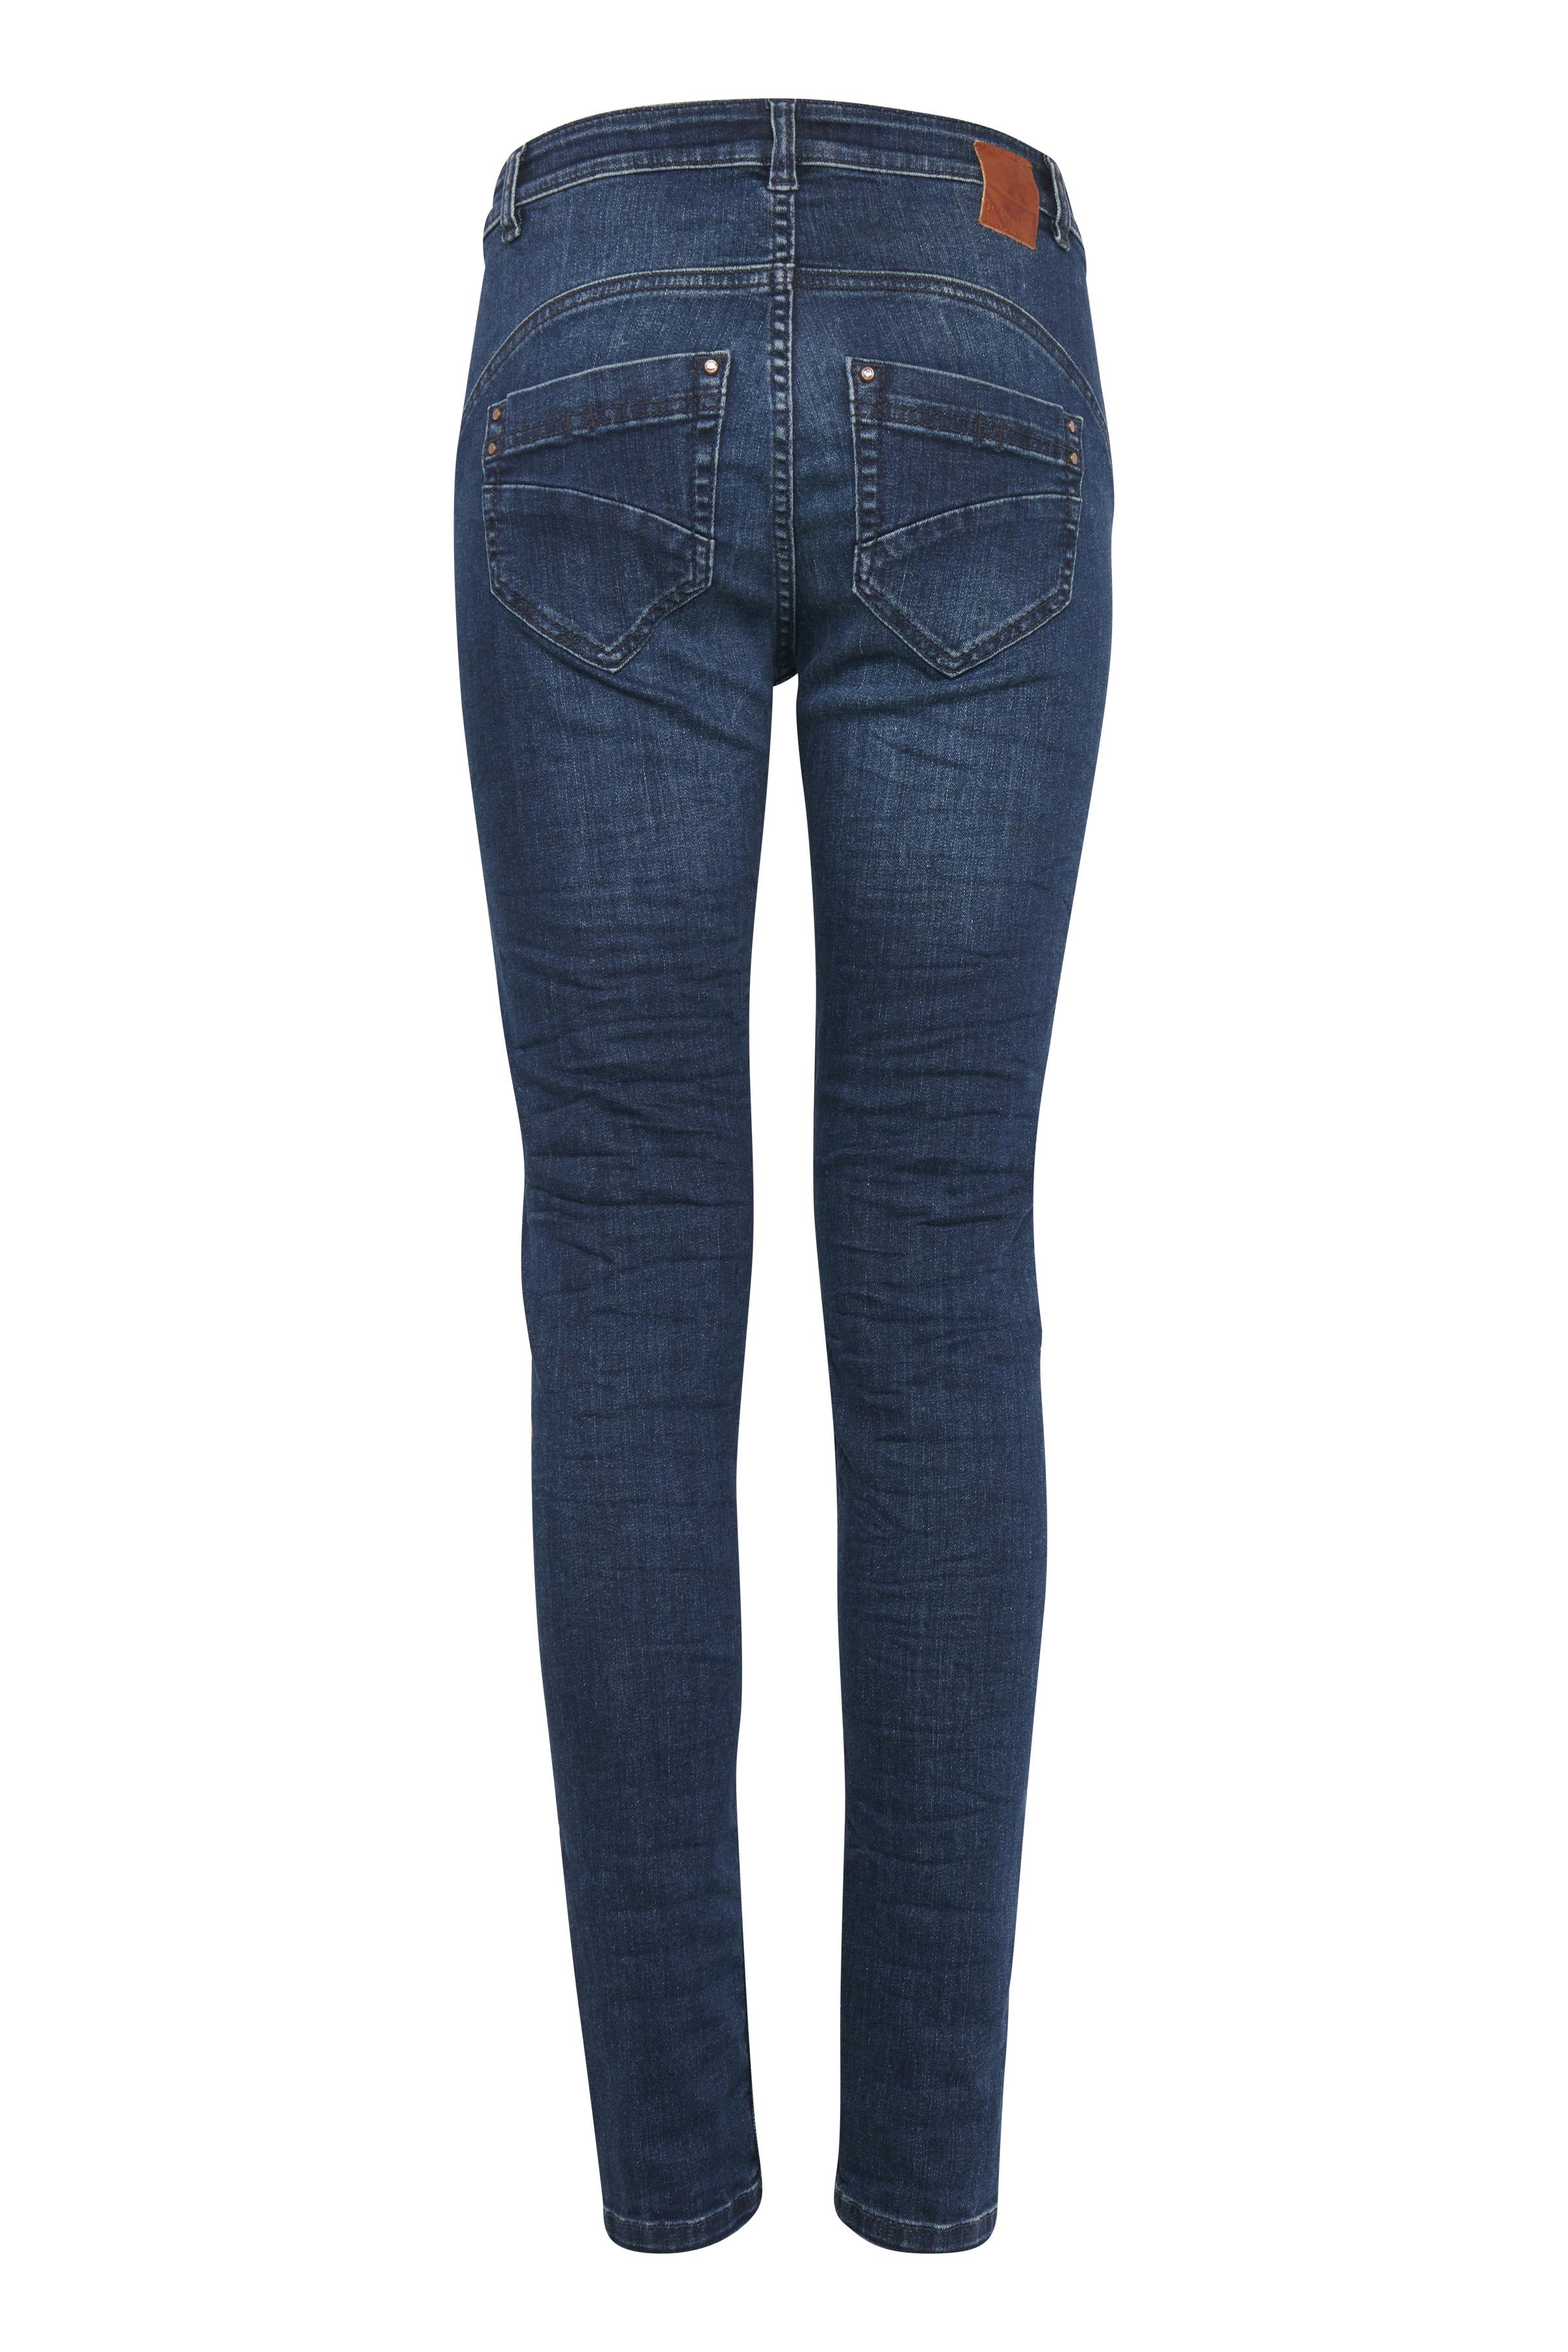 Denimblå Jeans från Dranella – Köp Denimblå Jeans från stl. 32-46 här